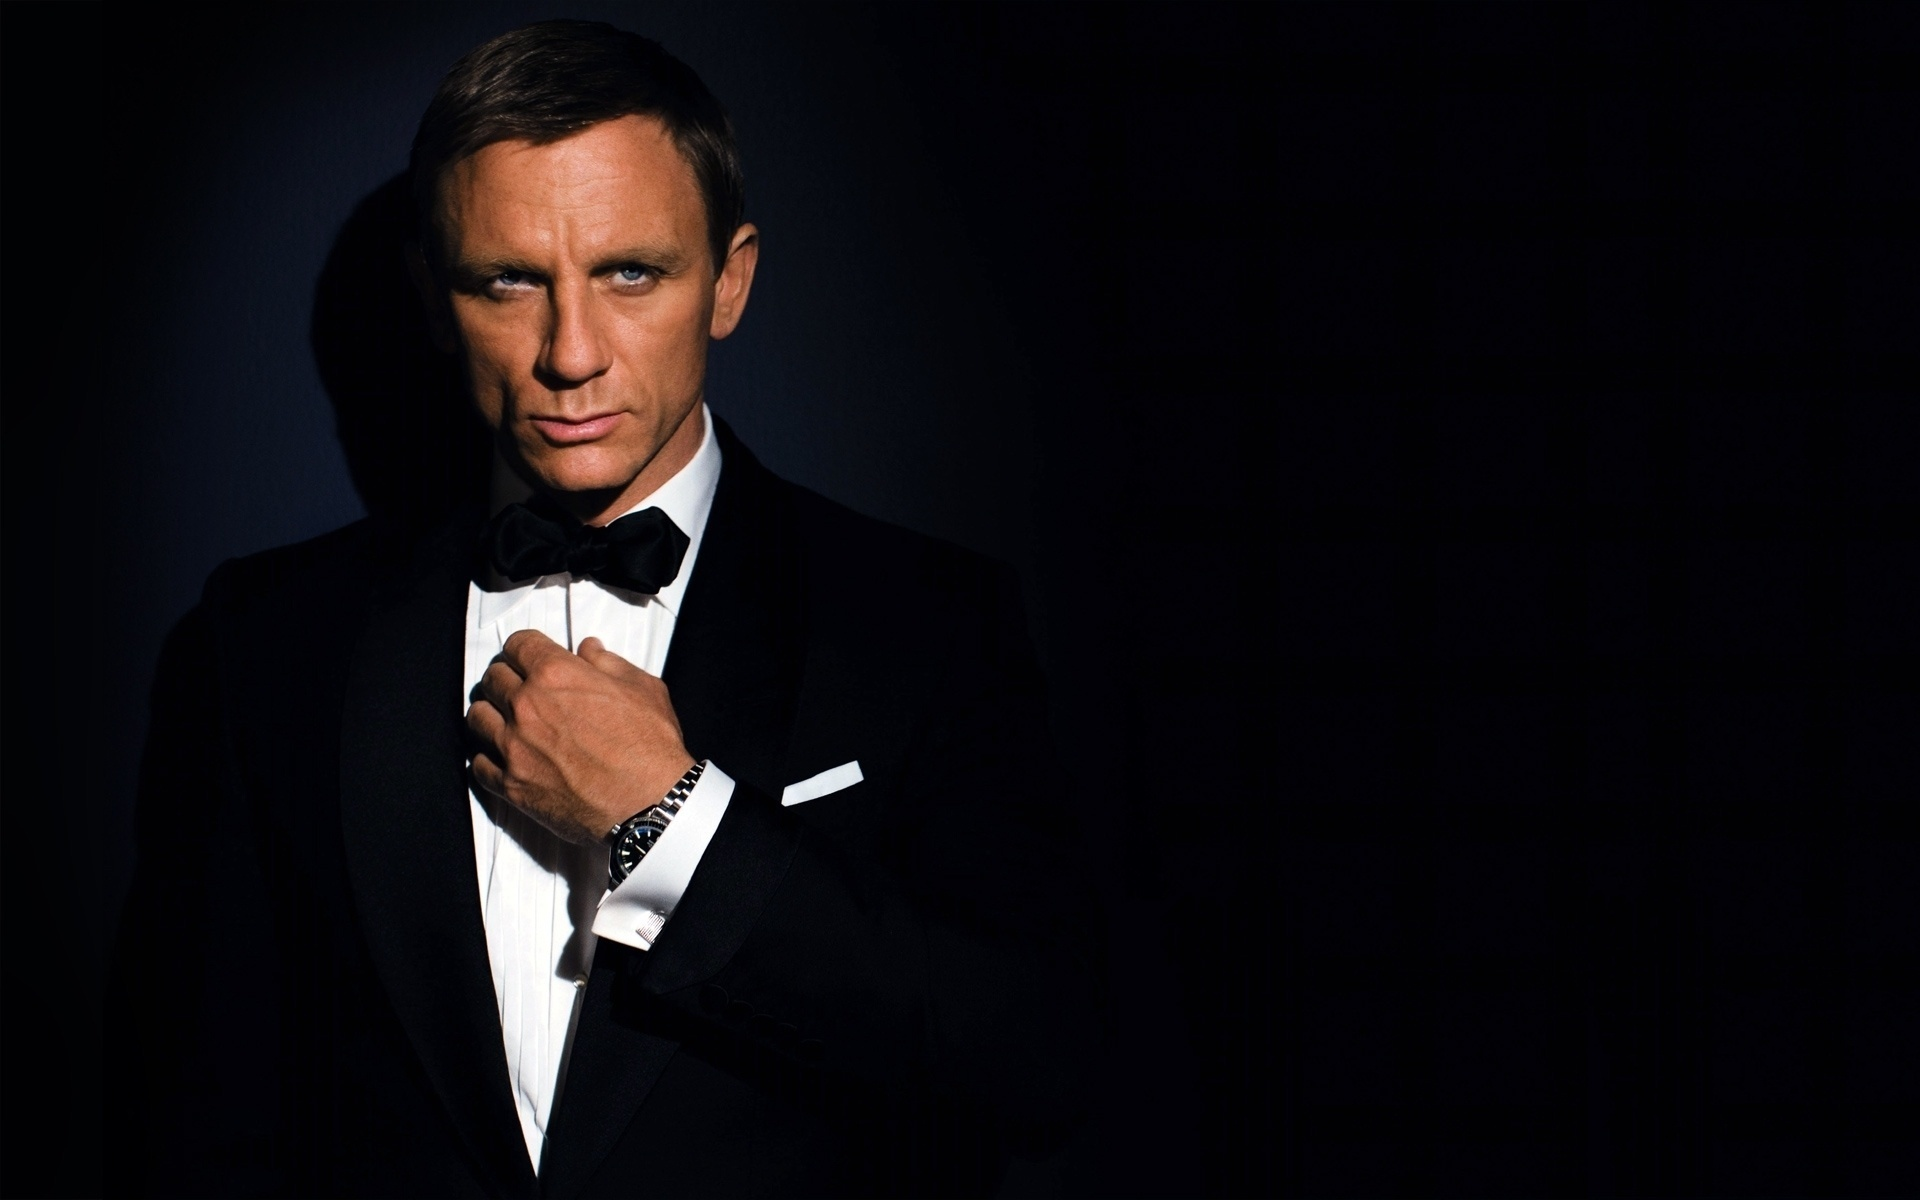 19683 скачать обои Кино, Люди, Актеры, Мужчины, Джеймс Бонд (James Bond), Даниэл Крейг (Daniel Craig) - заставки и картинки бесплатно